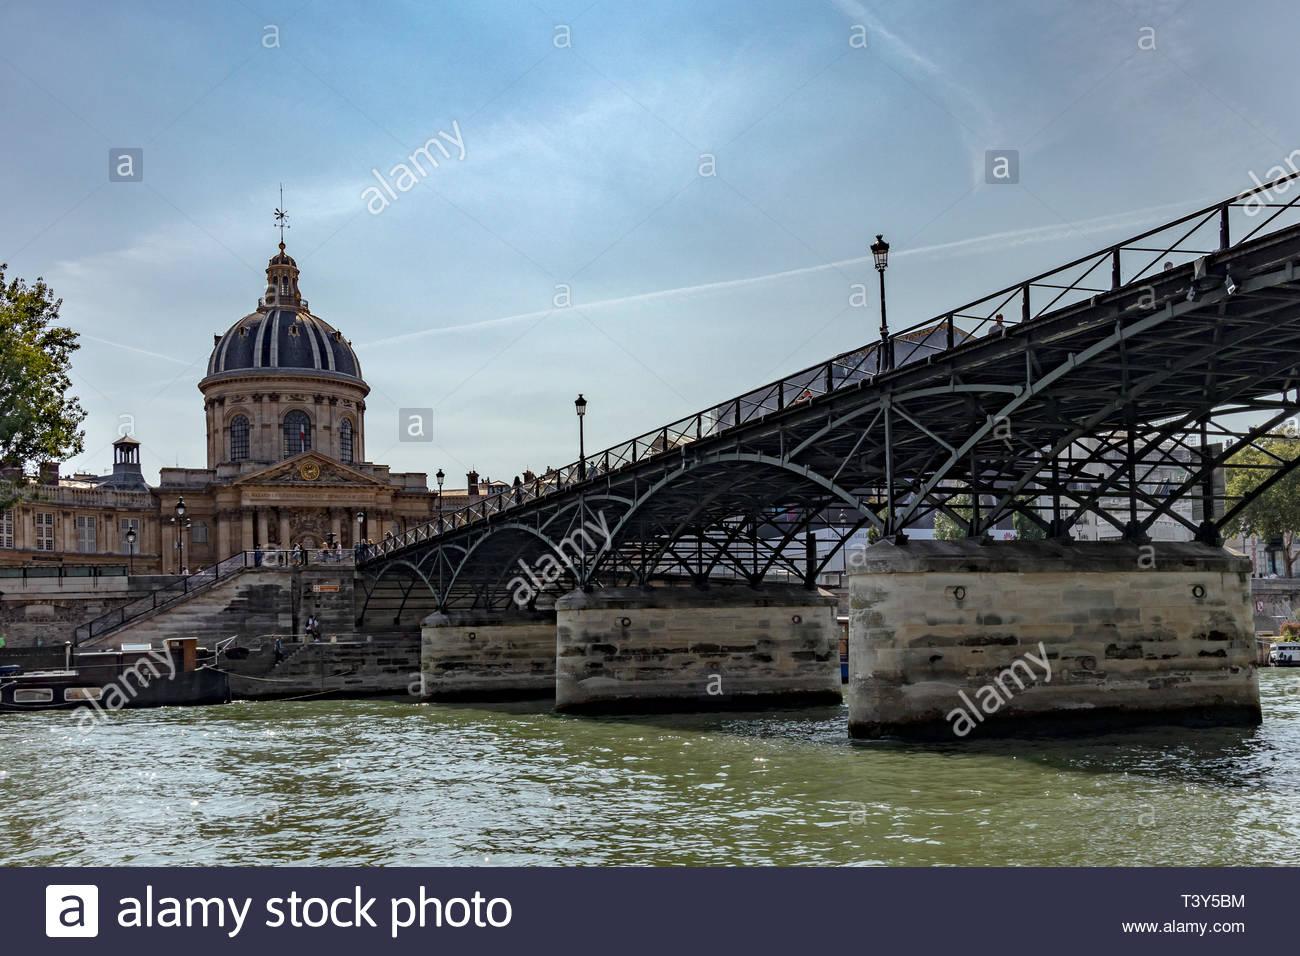 The Pont des Arts and the French Academy, from the Seine. August 28, 2018, Paris, France. Le Pont des Arts et l'Académie Française, depuis la Seine. 2 Stock Photo